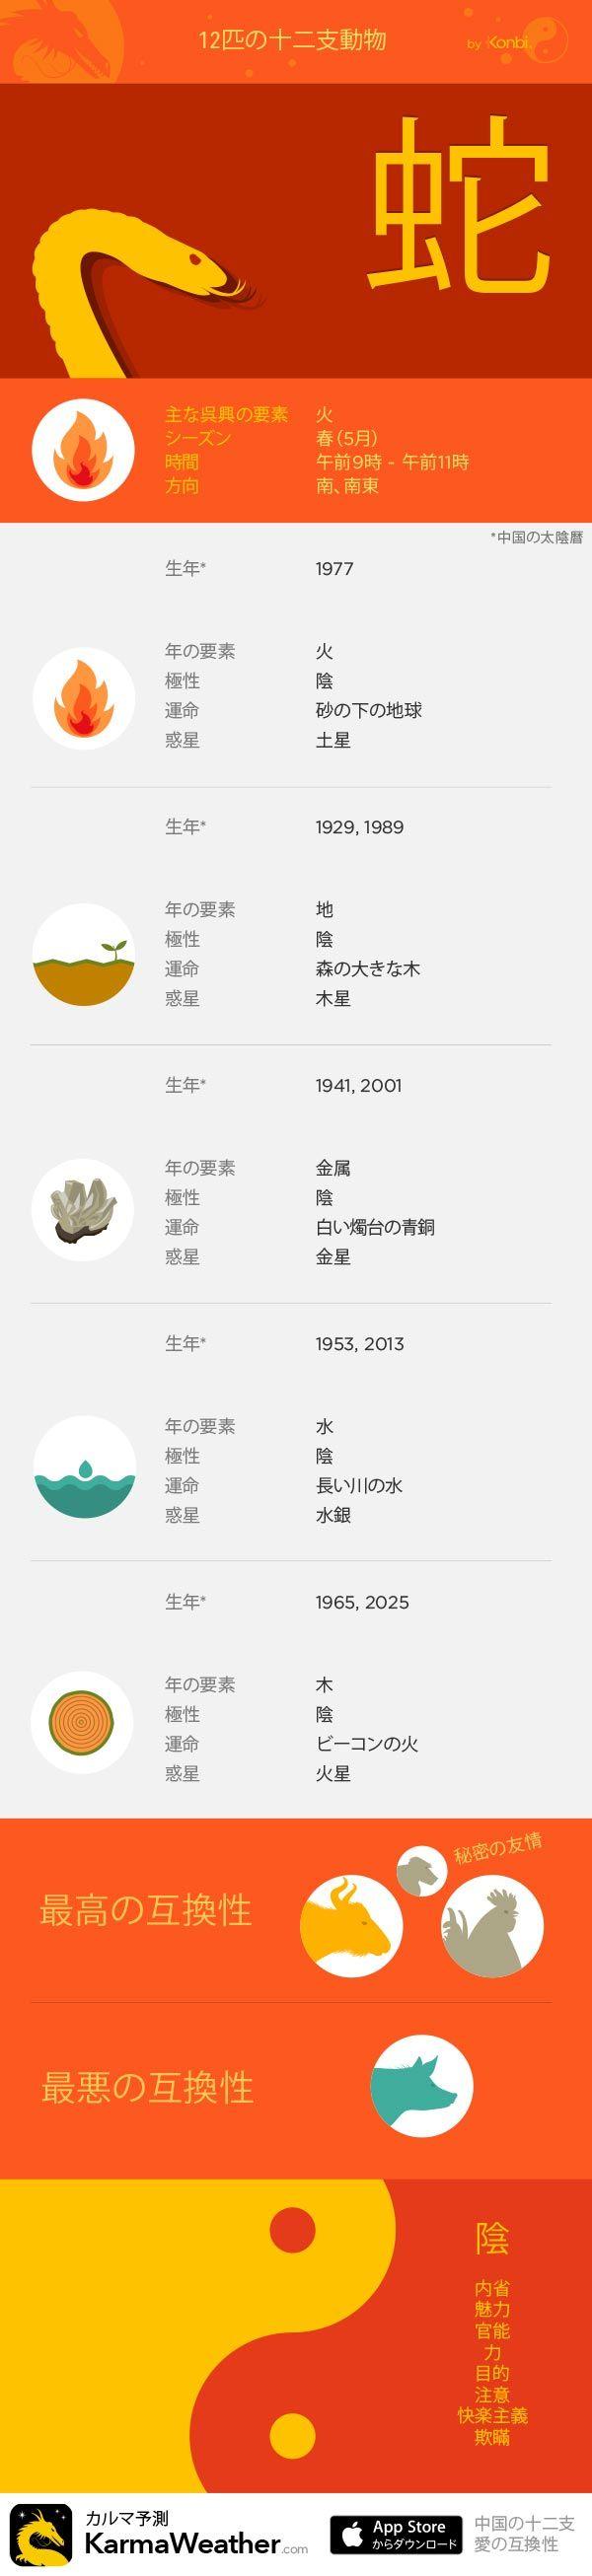 蛇 - KarmaWeatherによる12の十二支の看板、無料の中国占星術iPhoneアプリ